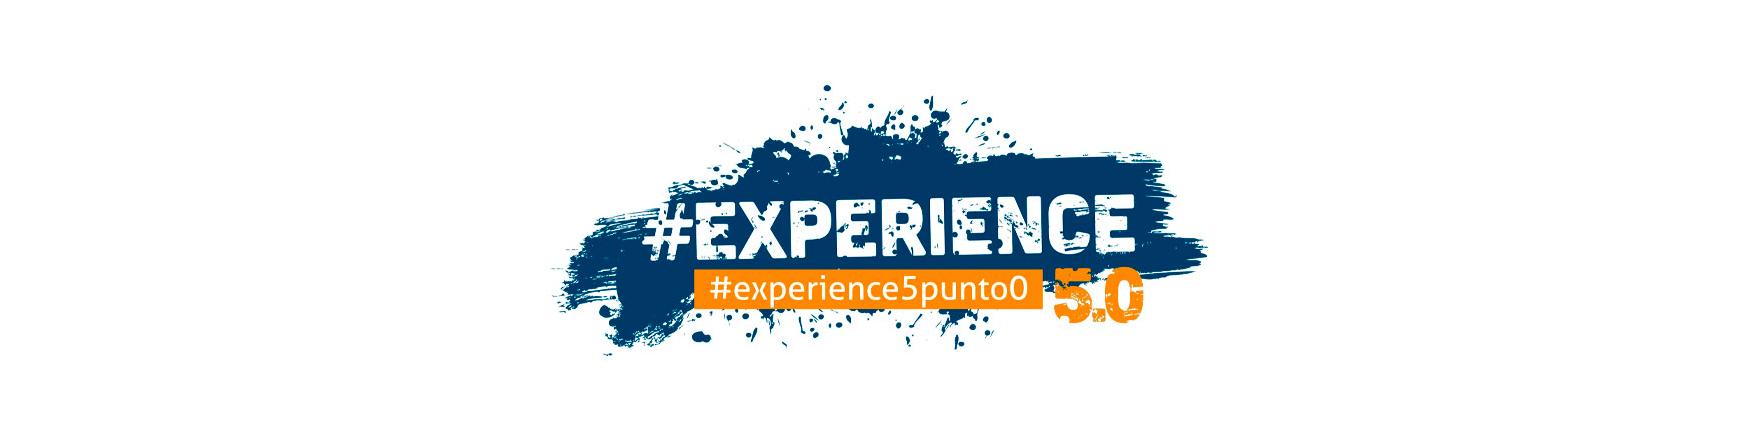 experience 5 0 bg seccion